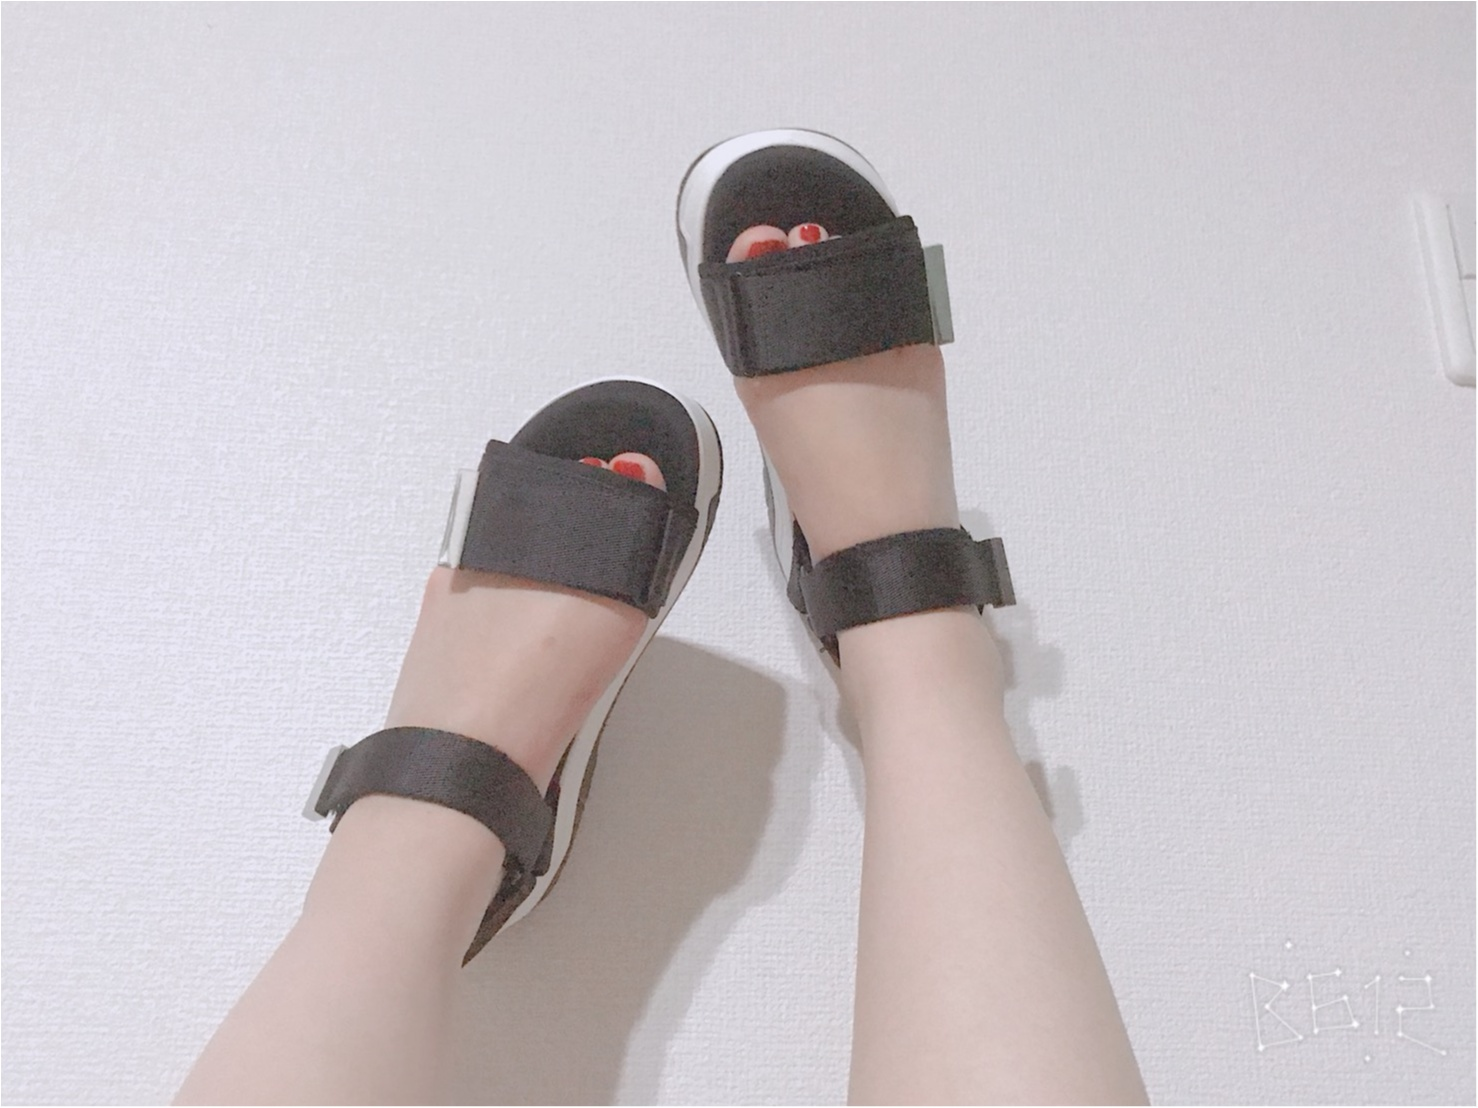 【ZARA】買ってよかった高コスパ靴!売切れ必須#ヴェッジソールサンダルが優秀すぎ♡_13